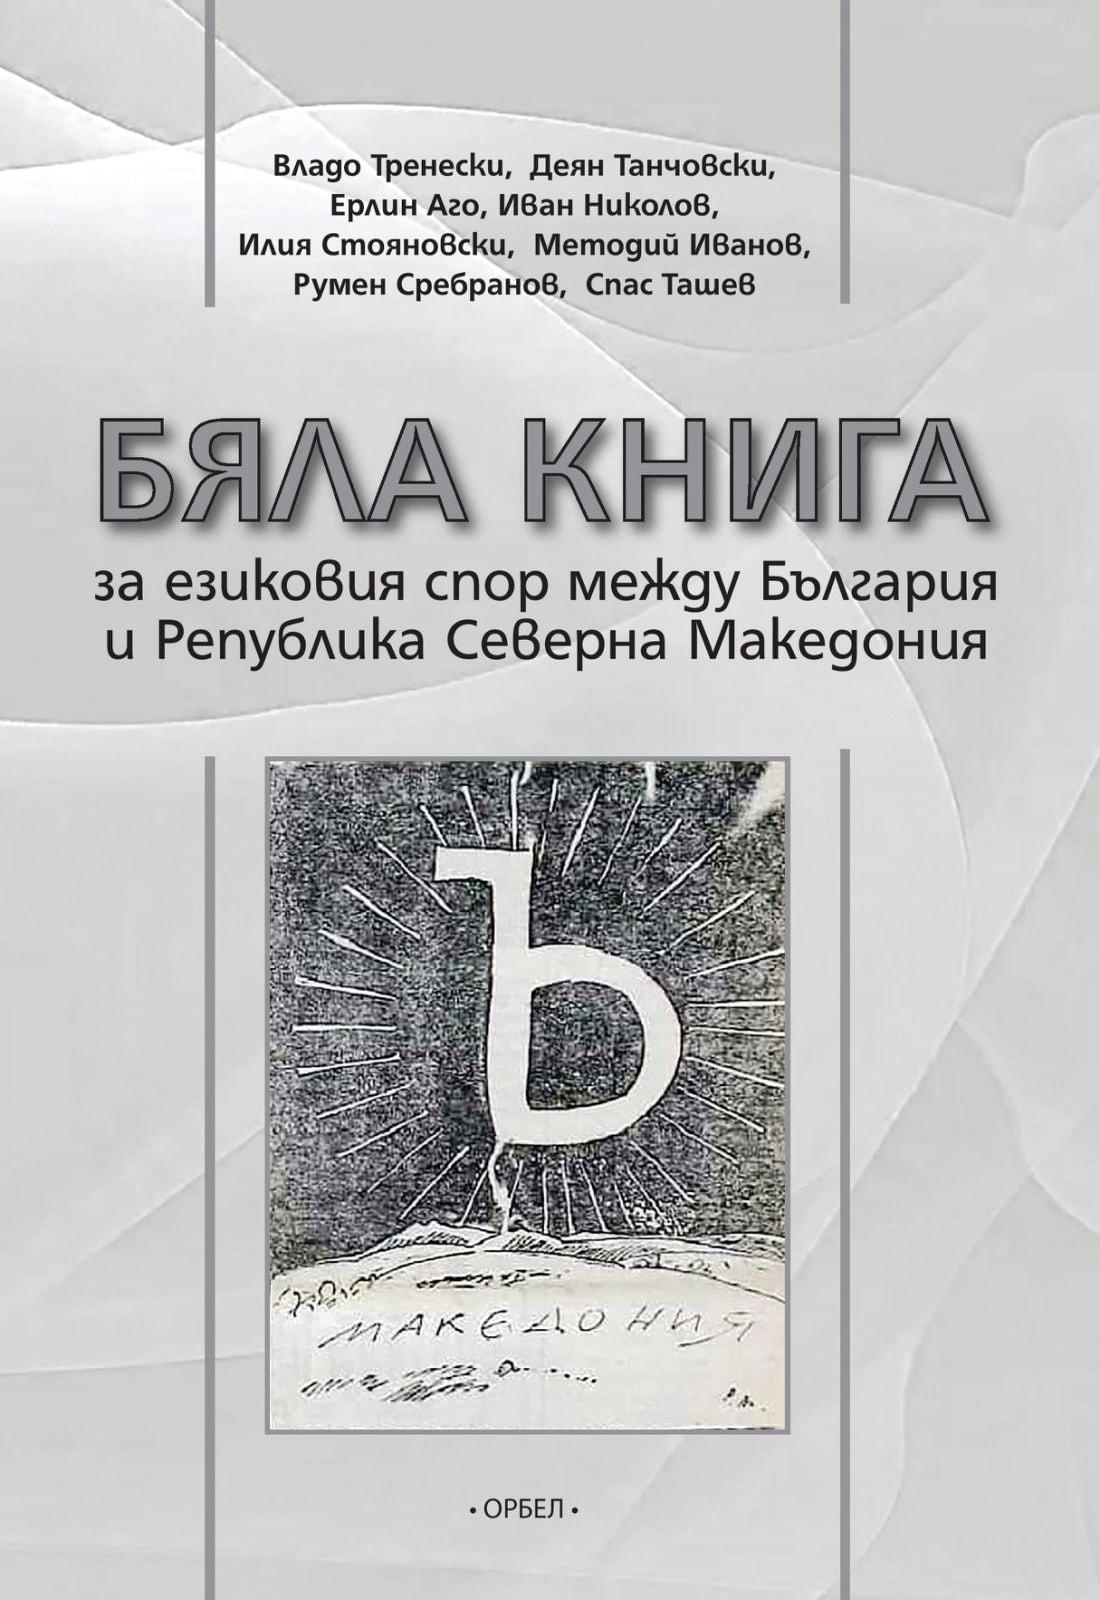 Бяла книга за езиковия спор между България и Република Северна Македония